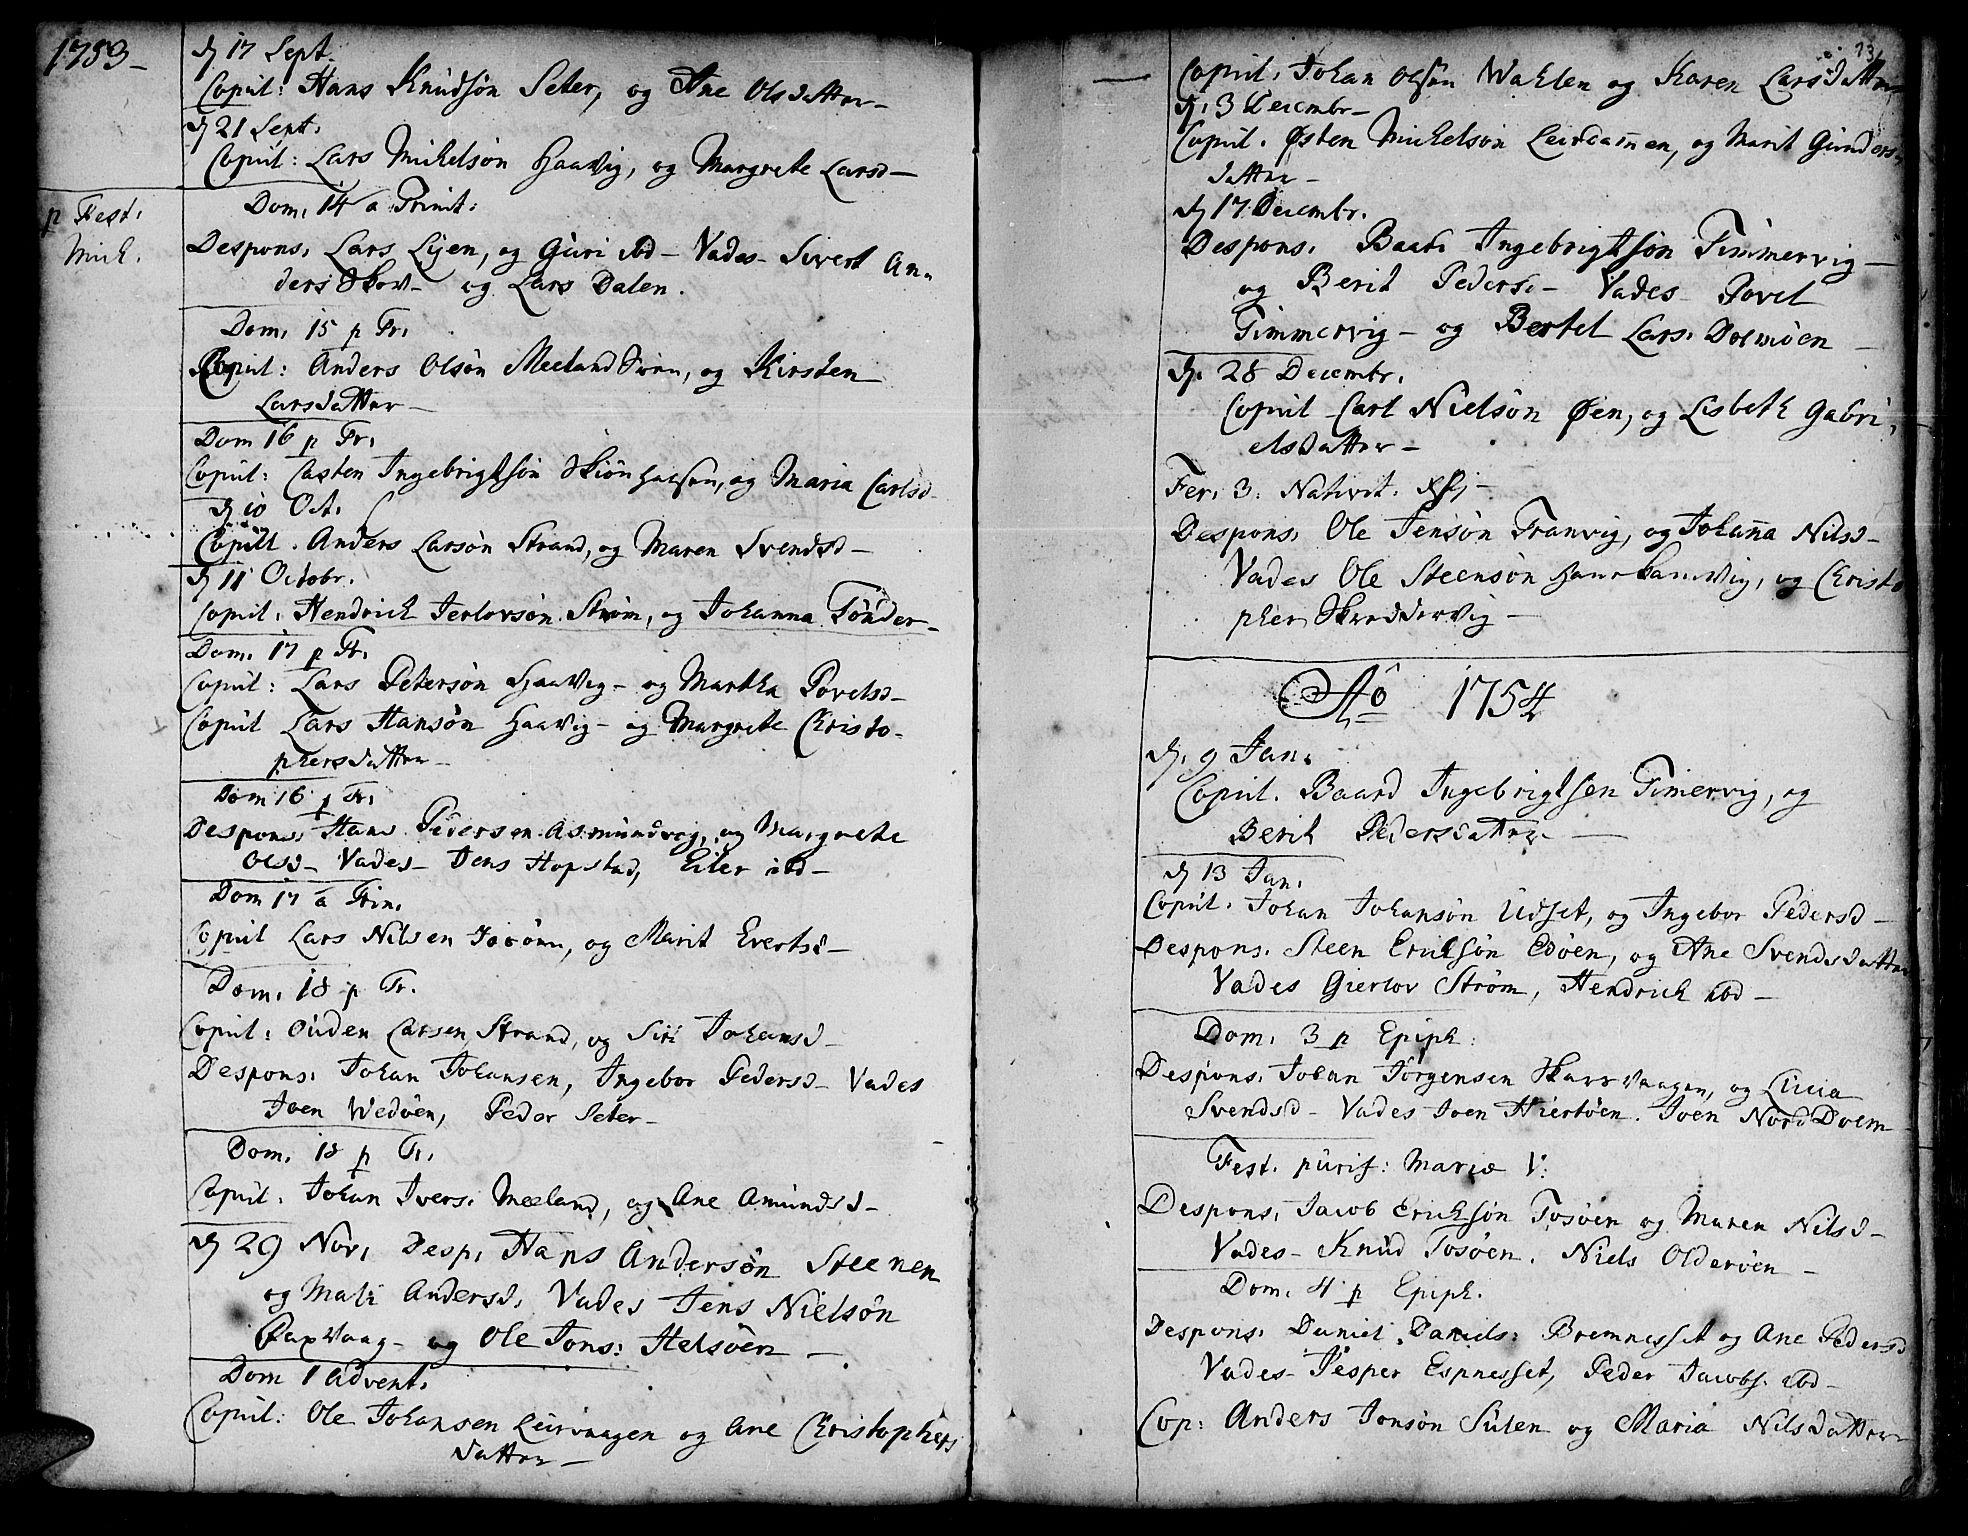 SAT, Ministerialprotokoller, klokkerbøker og fødselsregistre - Sør-Trøndelag, 634/L0525: Ministerialbok nr. 634A01, 1736-1775, s. 136